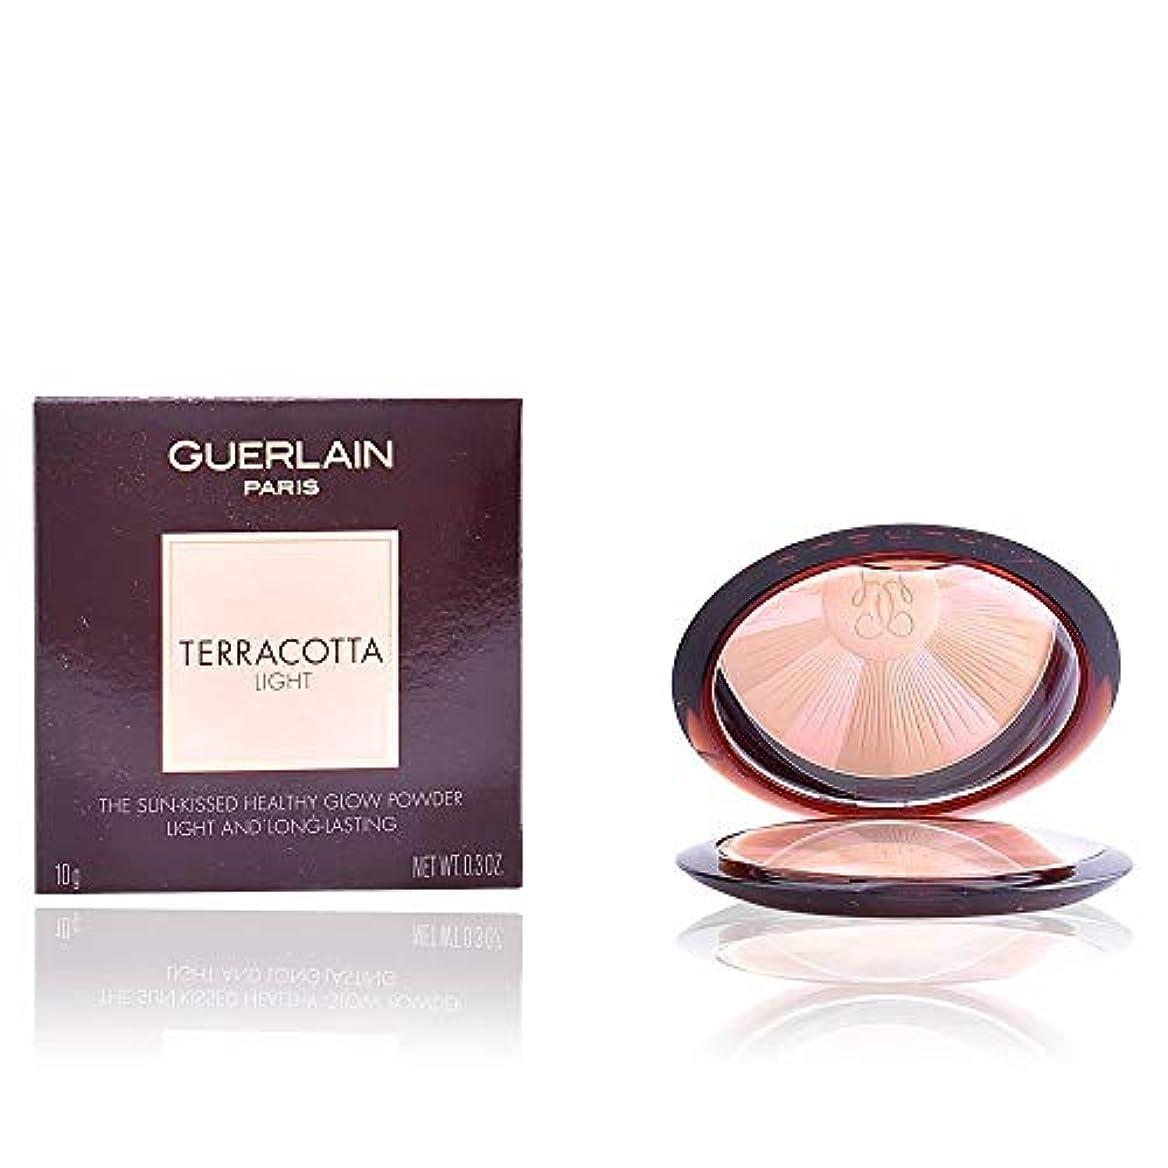 ボルト狂うお酒ゲラン Terracotta Light The Sun Kissed Healthy Glow Powder - # 05 Deep Cool 10g/0.3oz並行輸入品